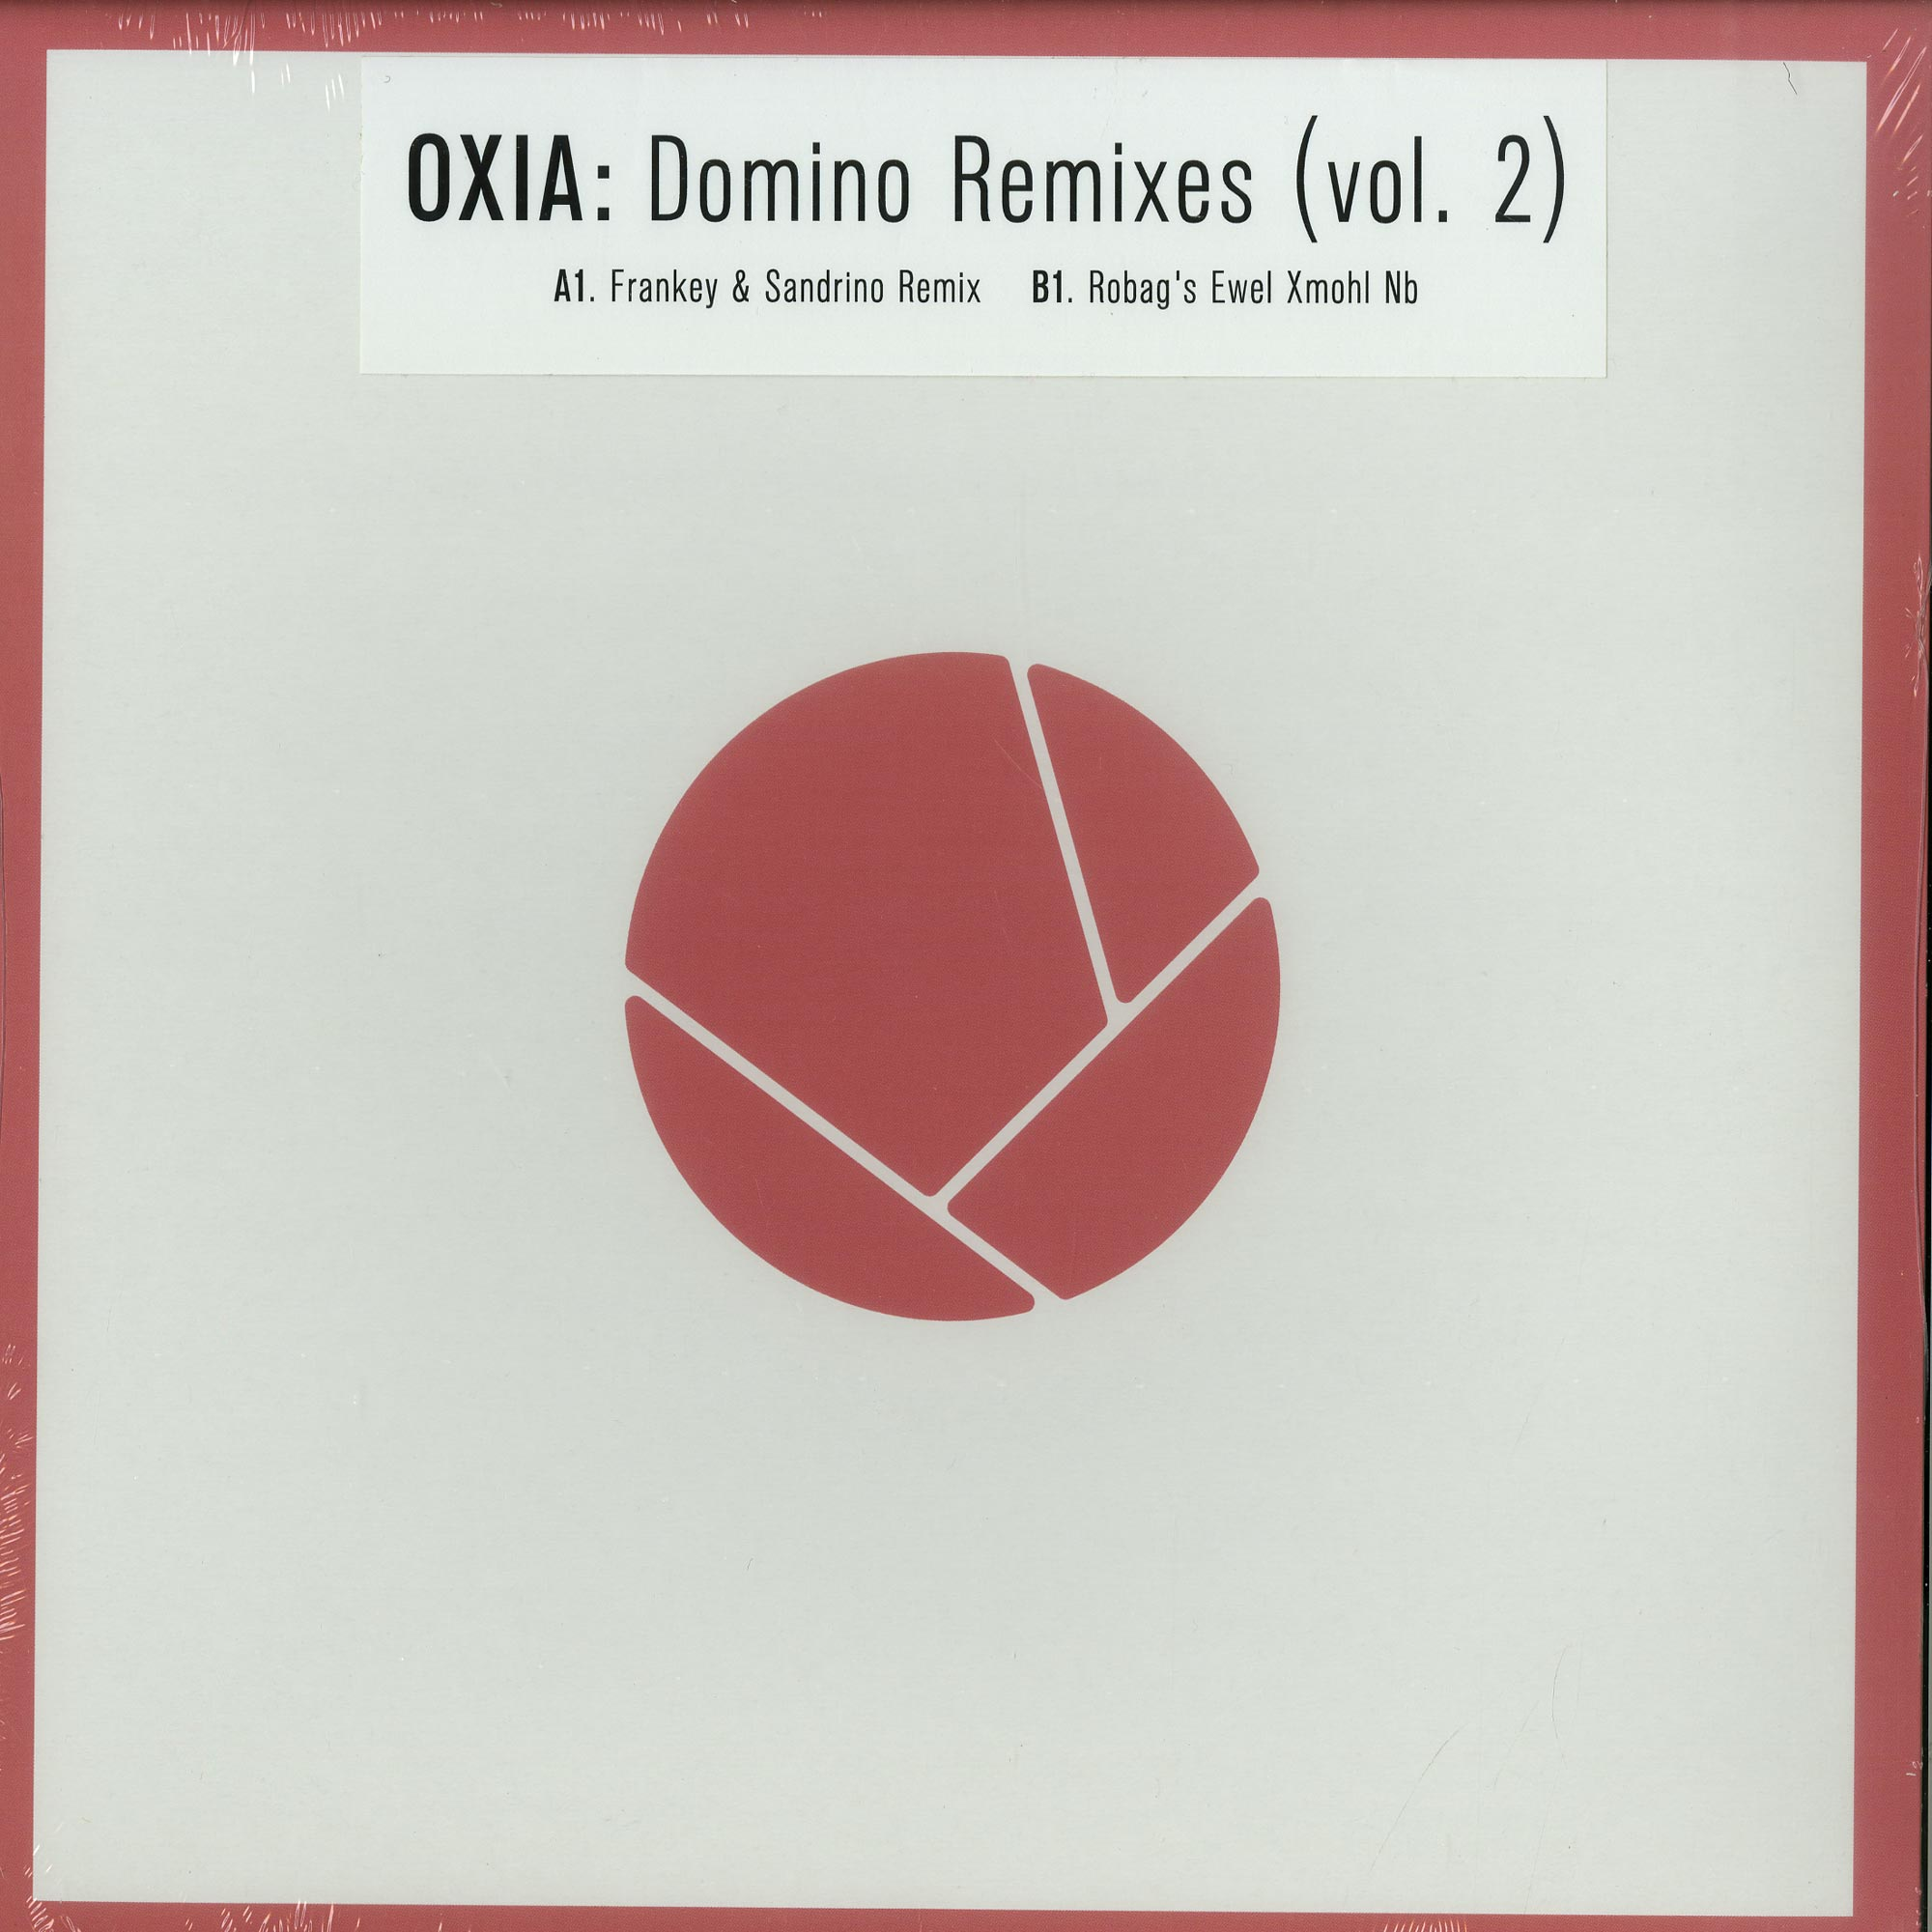 Oxia Domino Remixes Ep Pt 2 Vinyl Shop